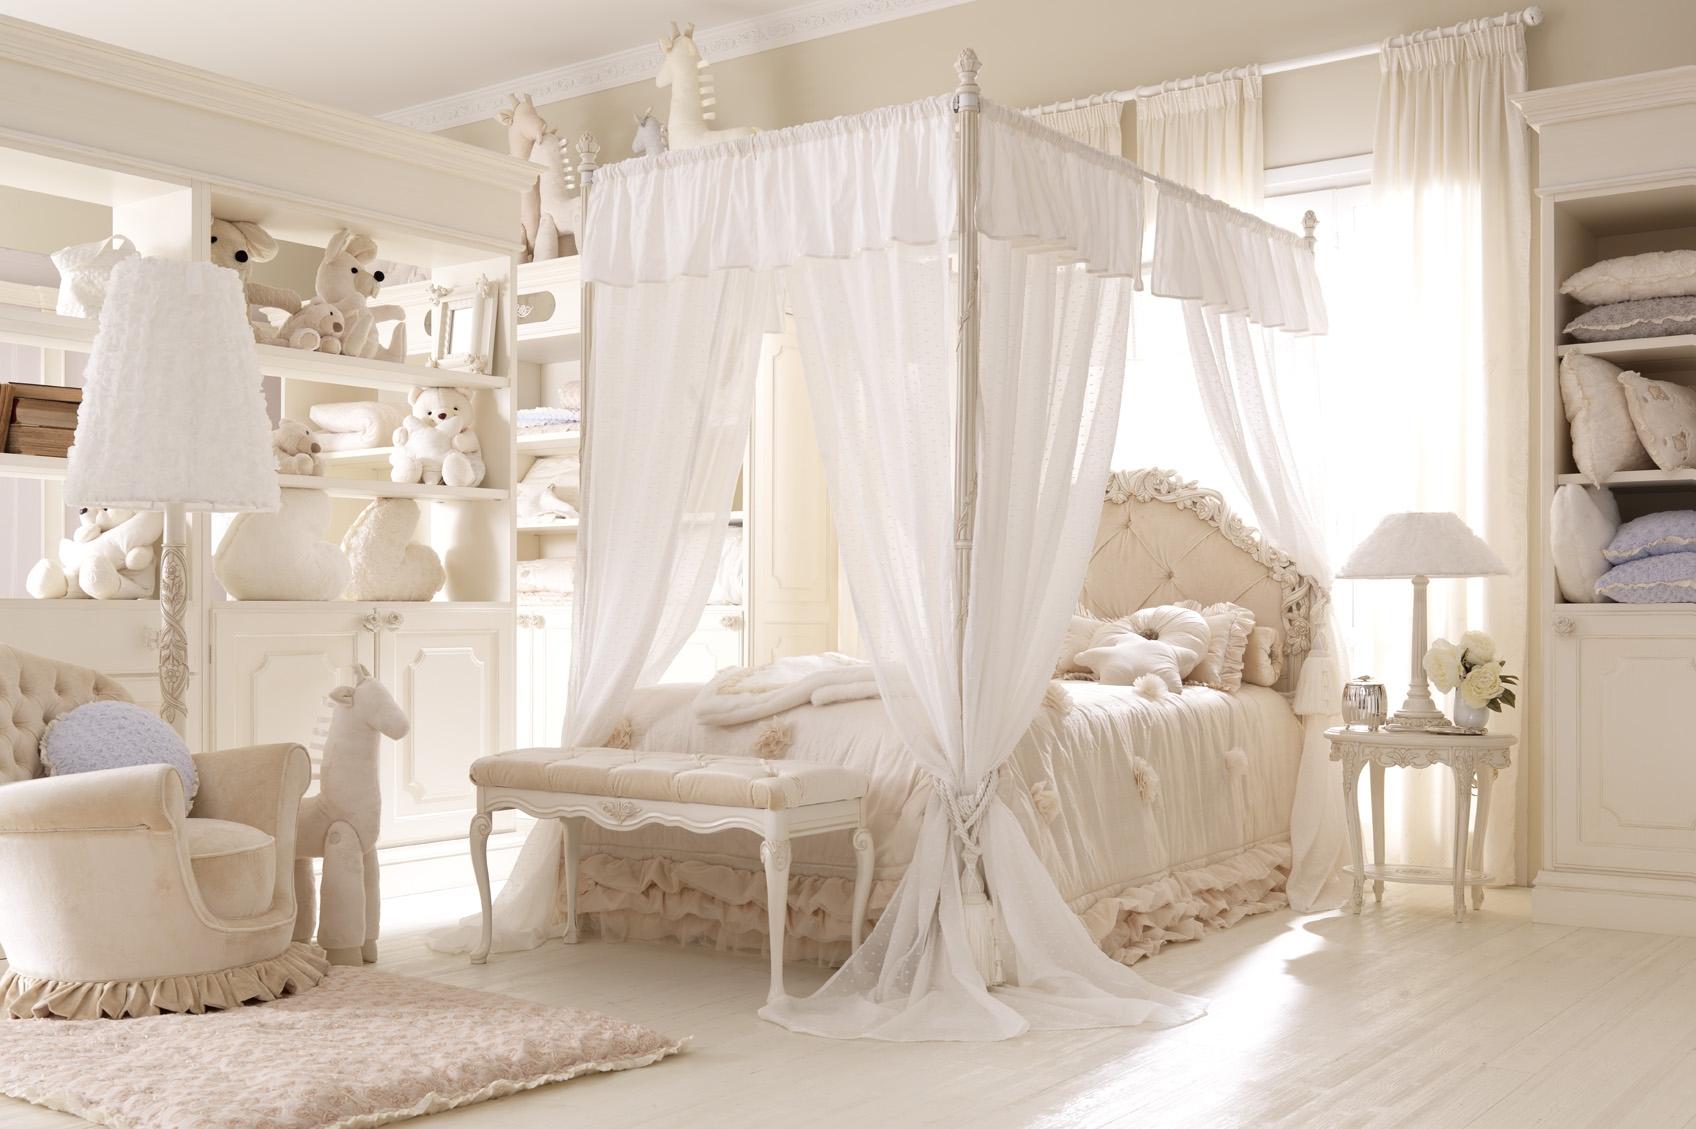 ديكورات غرف نوم كلاسيك (1)